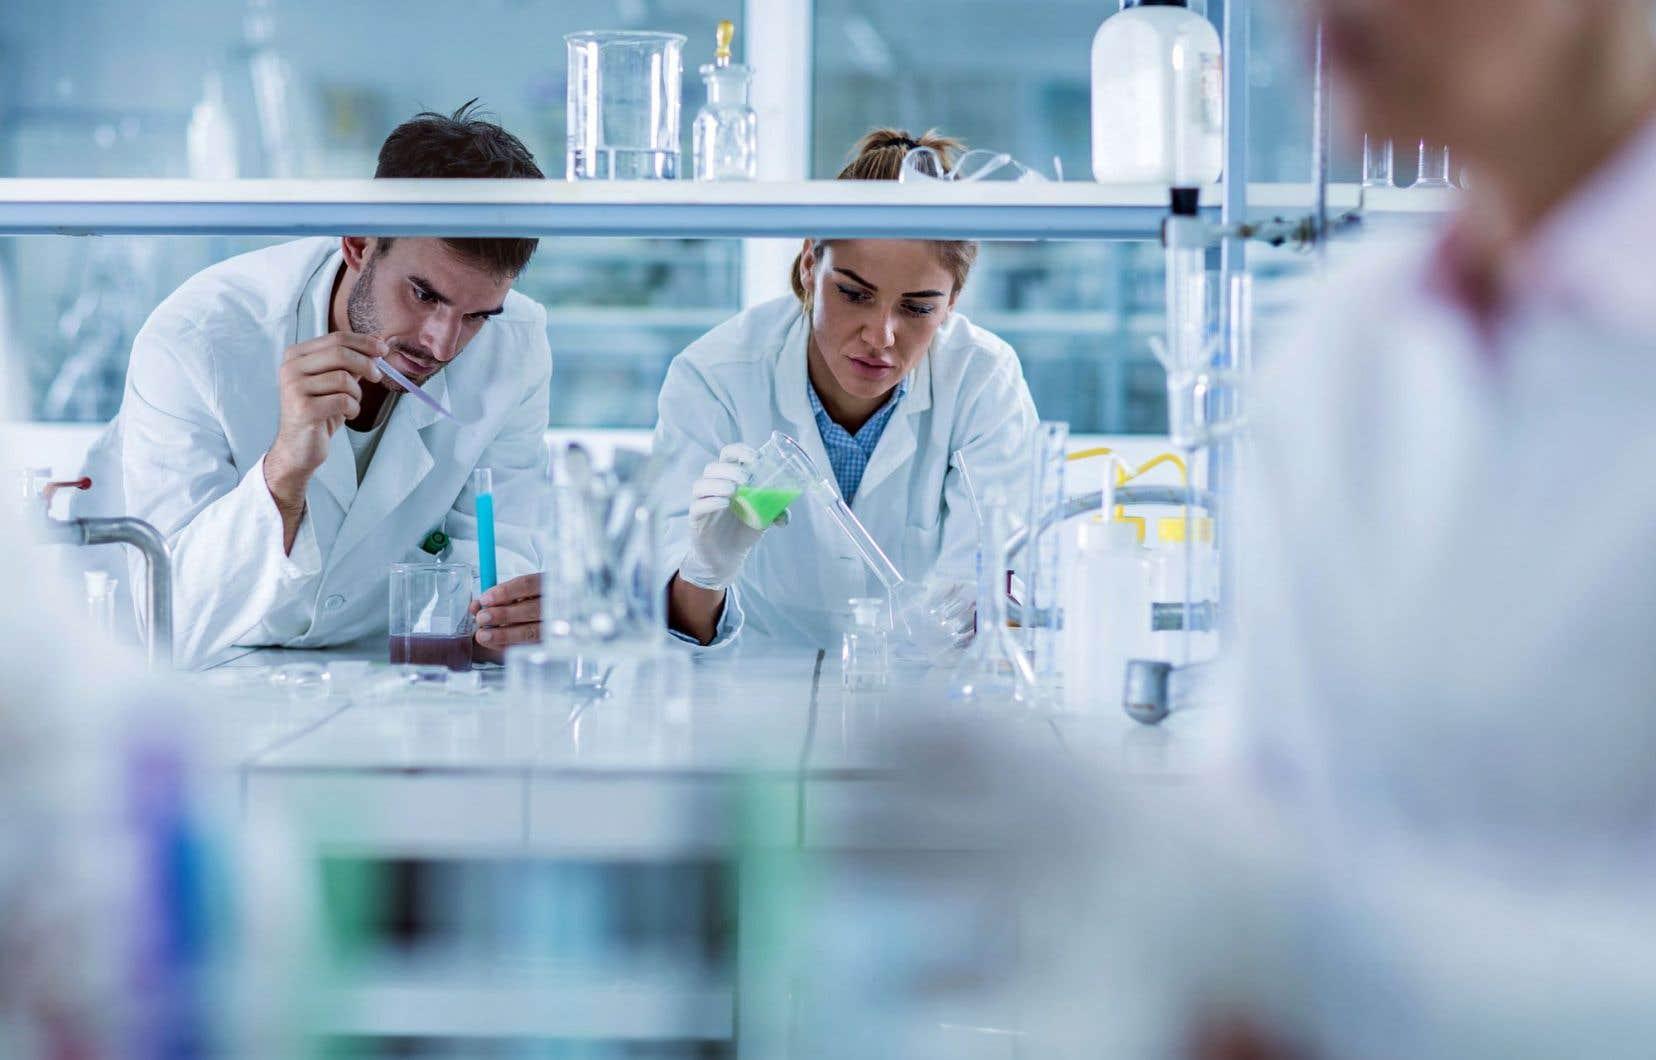 Le Canada a diminué ses dépenses en recherche et développement depuis une quinzaine d'années.